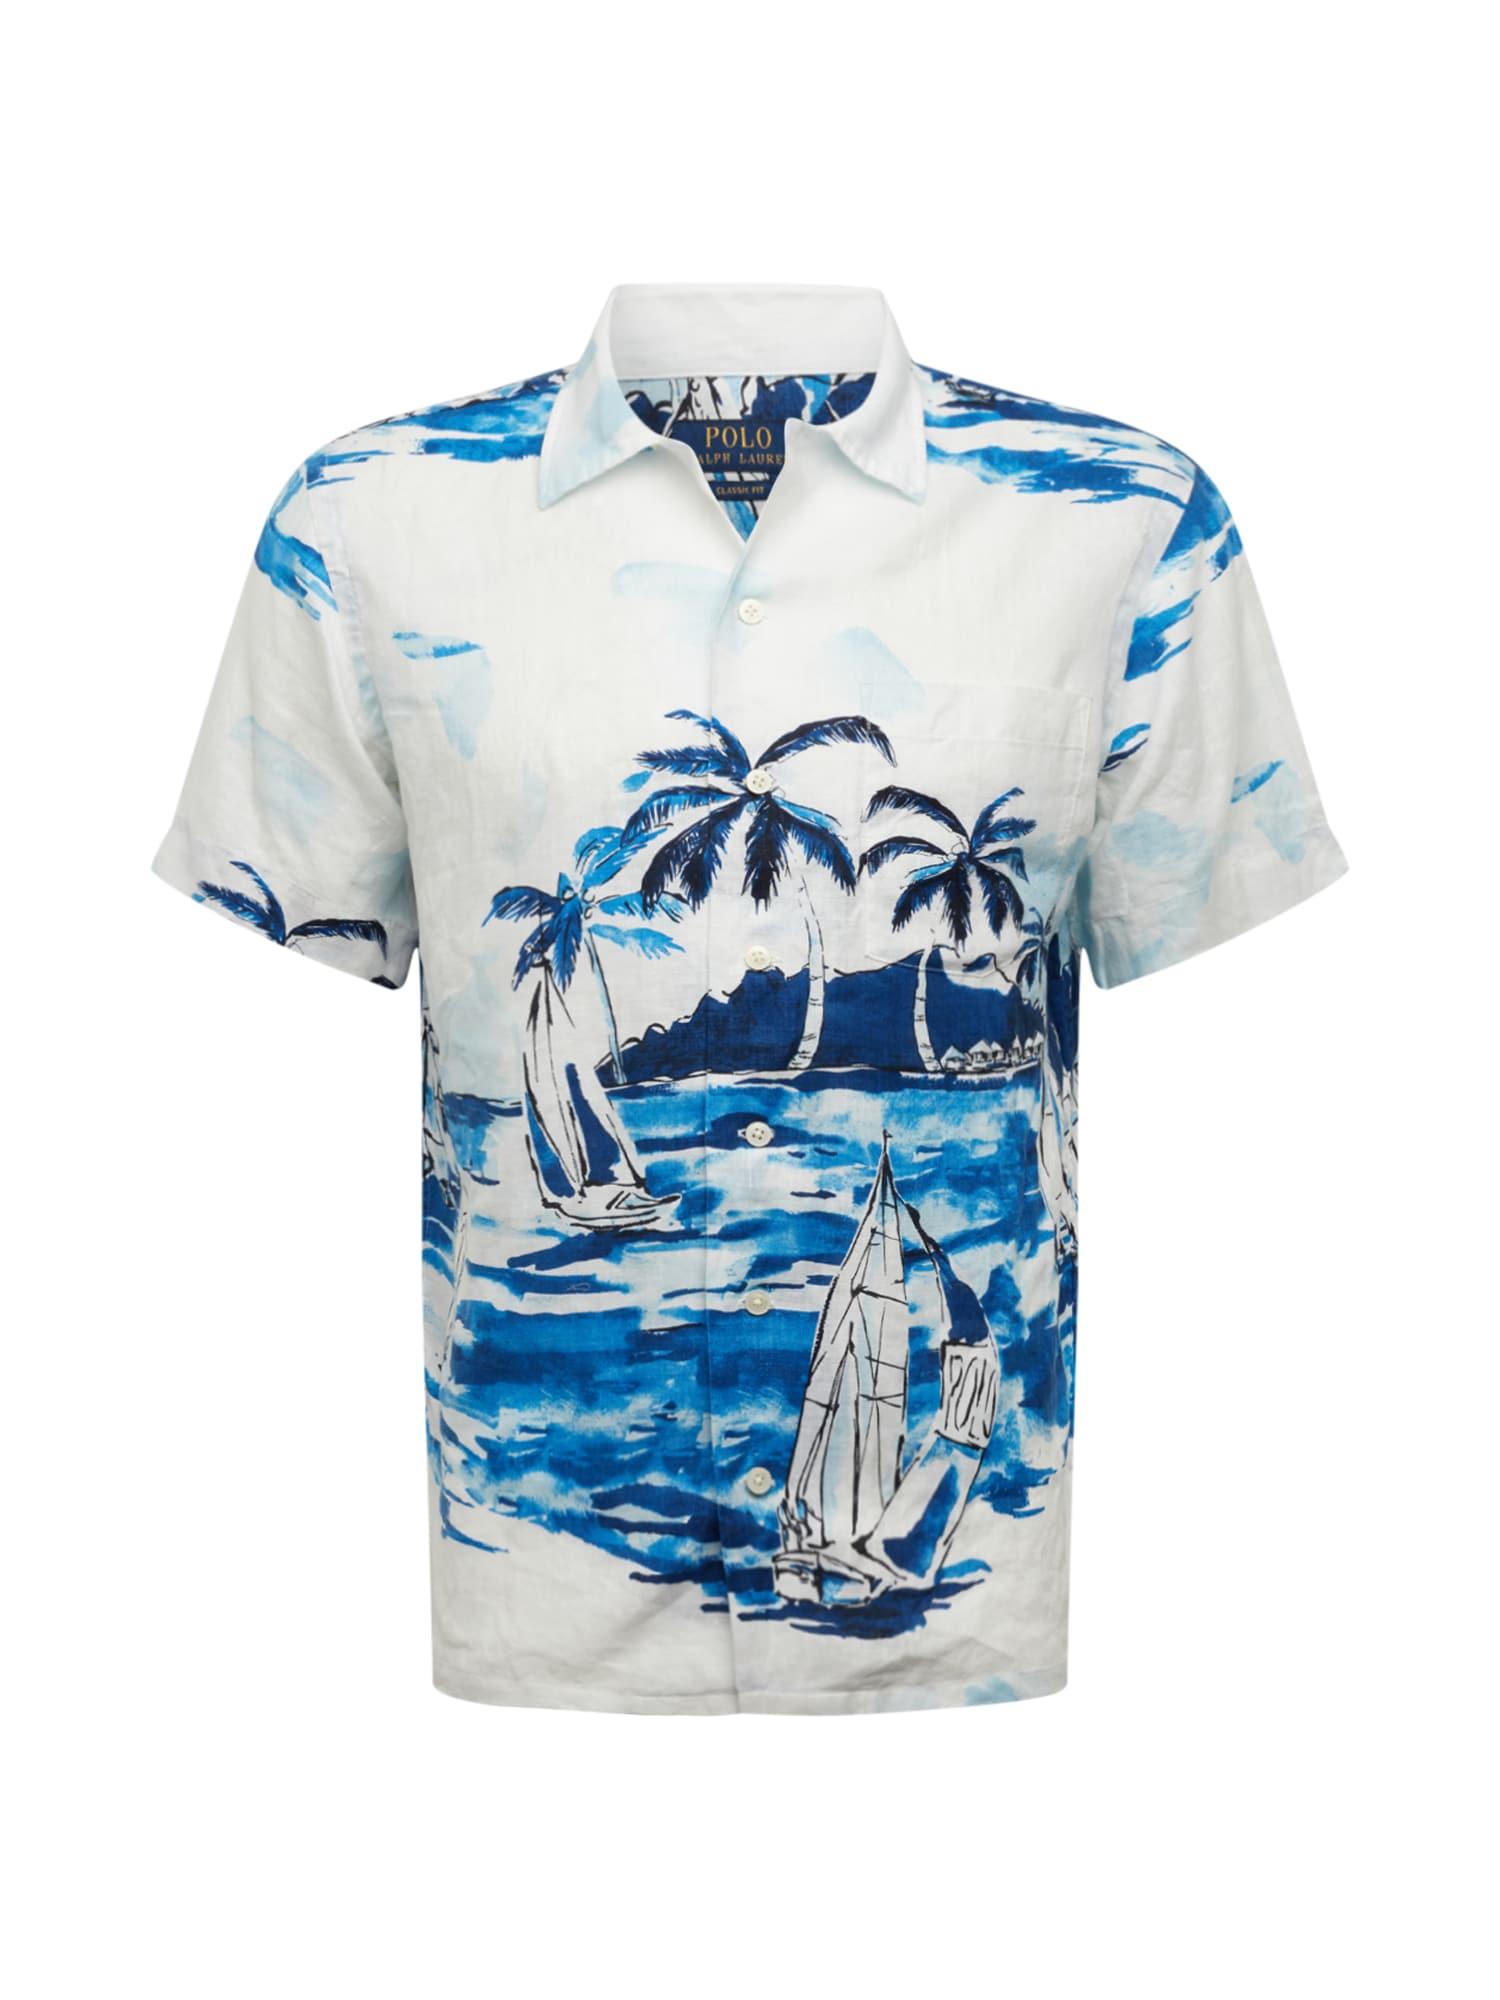 POLO RALPH LAUREN Marškinėliai 'PADYSS' mėlyna / natūrali balta